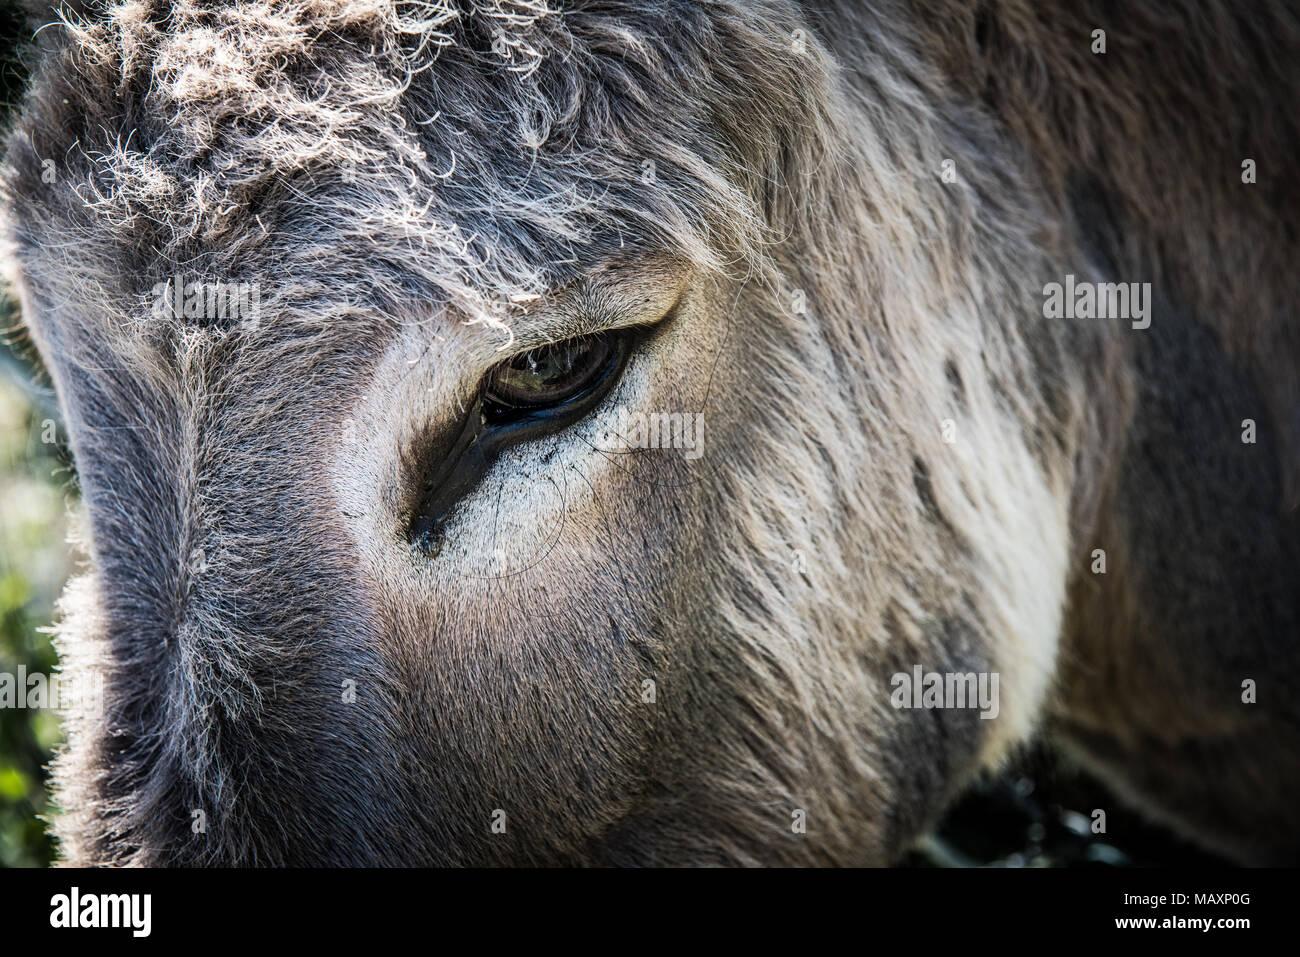 Close up ritratto di un asino's eye Immagini Stock